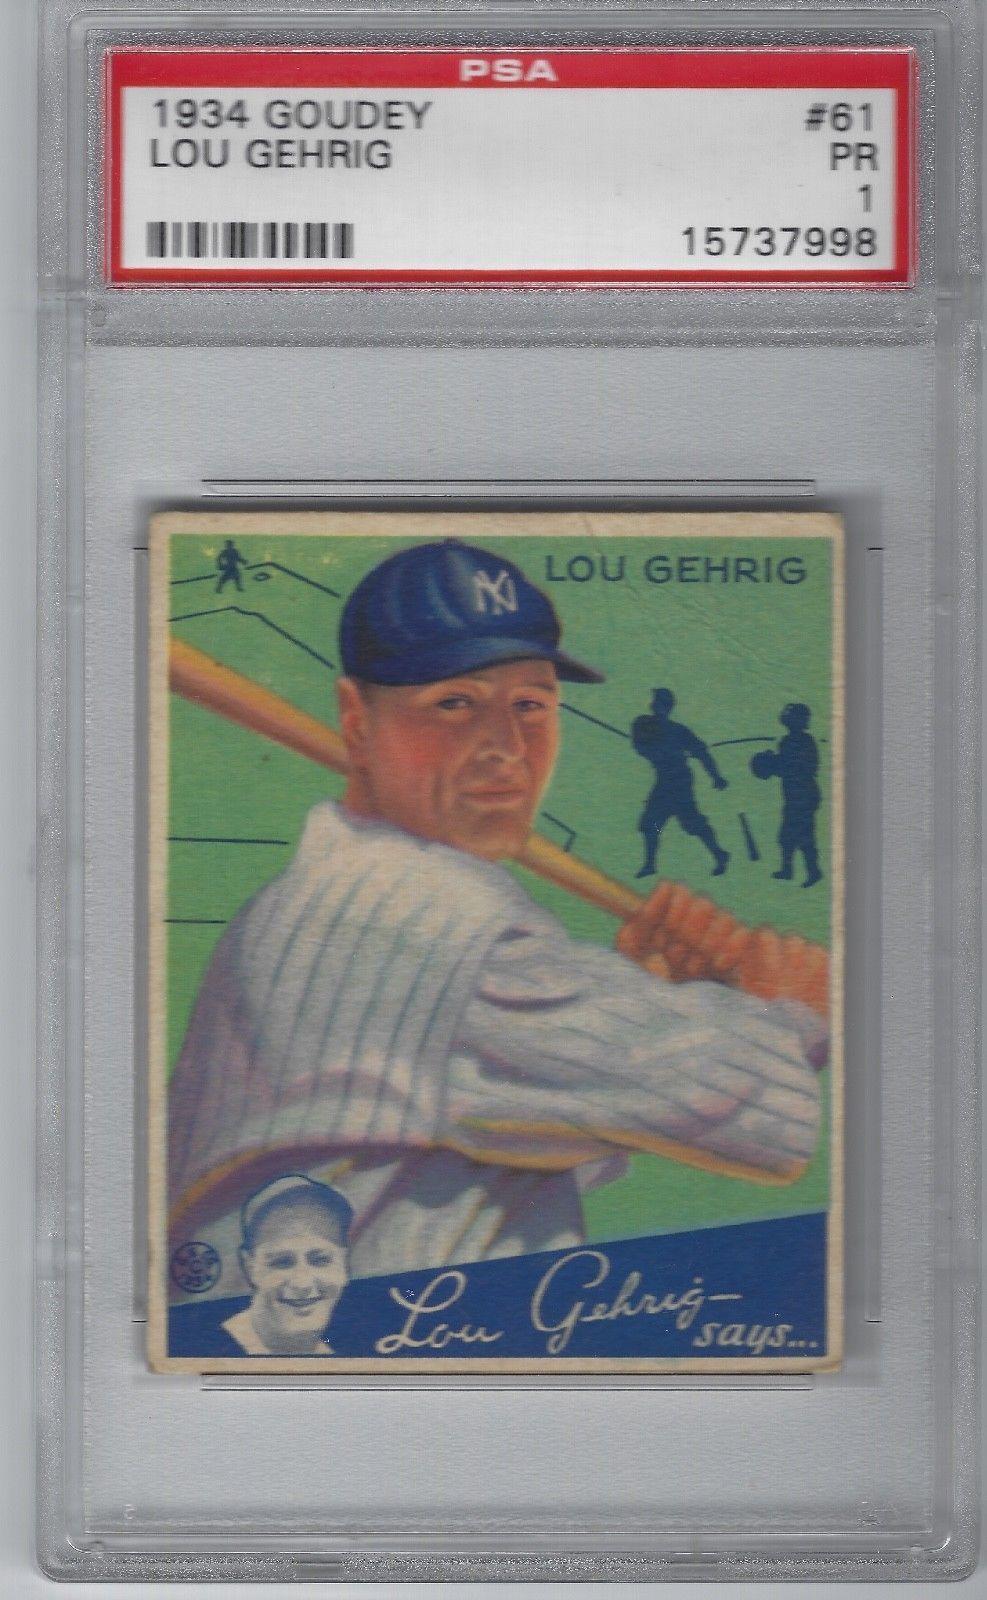 1934 goudey 61 lou gehrig psa 1 lougehrig baseball